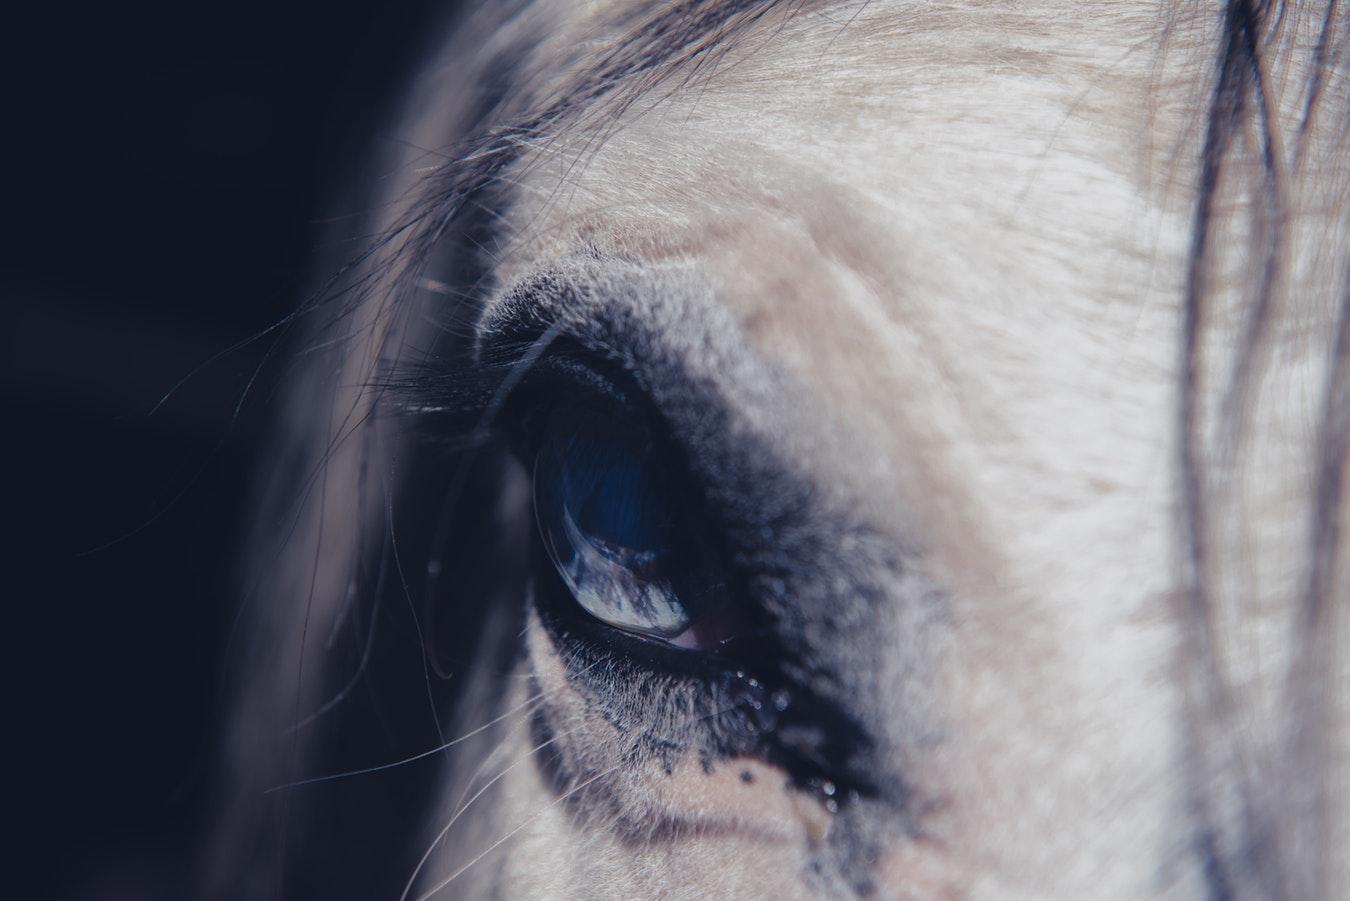 Le cheval : bête ou intelligent ? | À fleur de crins